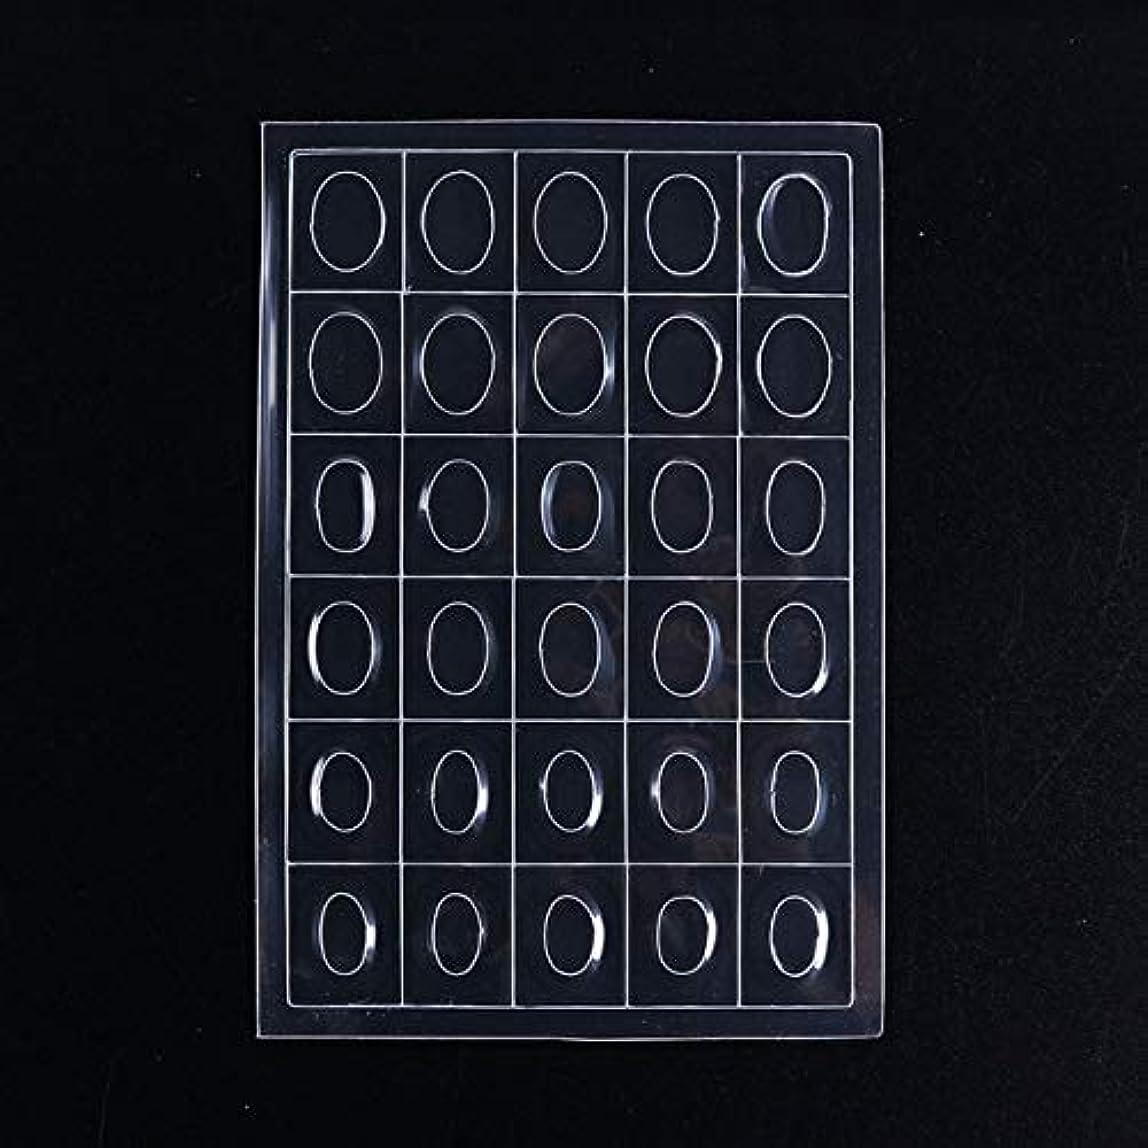 同時辞書再撮りSUKTI&XIAO ネイルステッカー 1ピース3Dネイルステッカーデカール宝石ダイヤモンドネイルアートステンシル転送ガイド装飾菱形オーバルモデリングスライダーマニキュアJi783